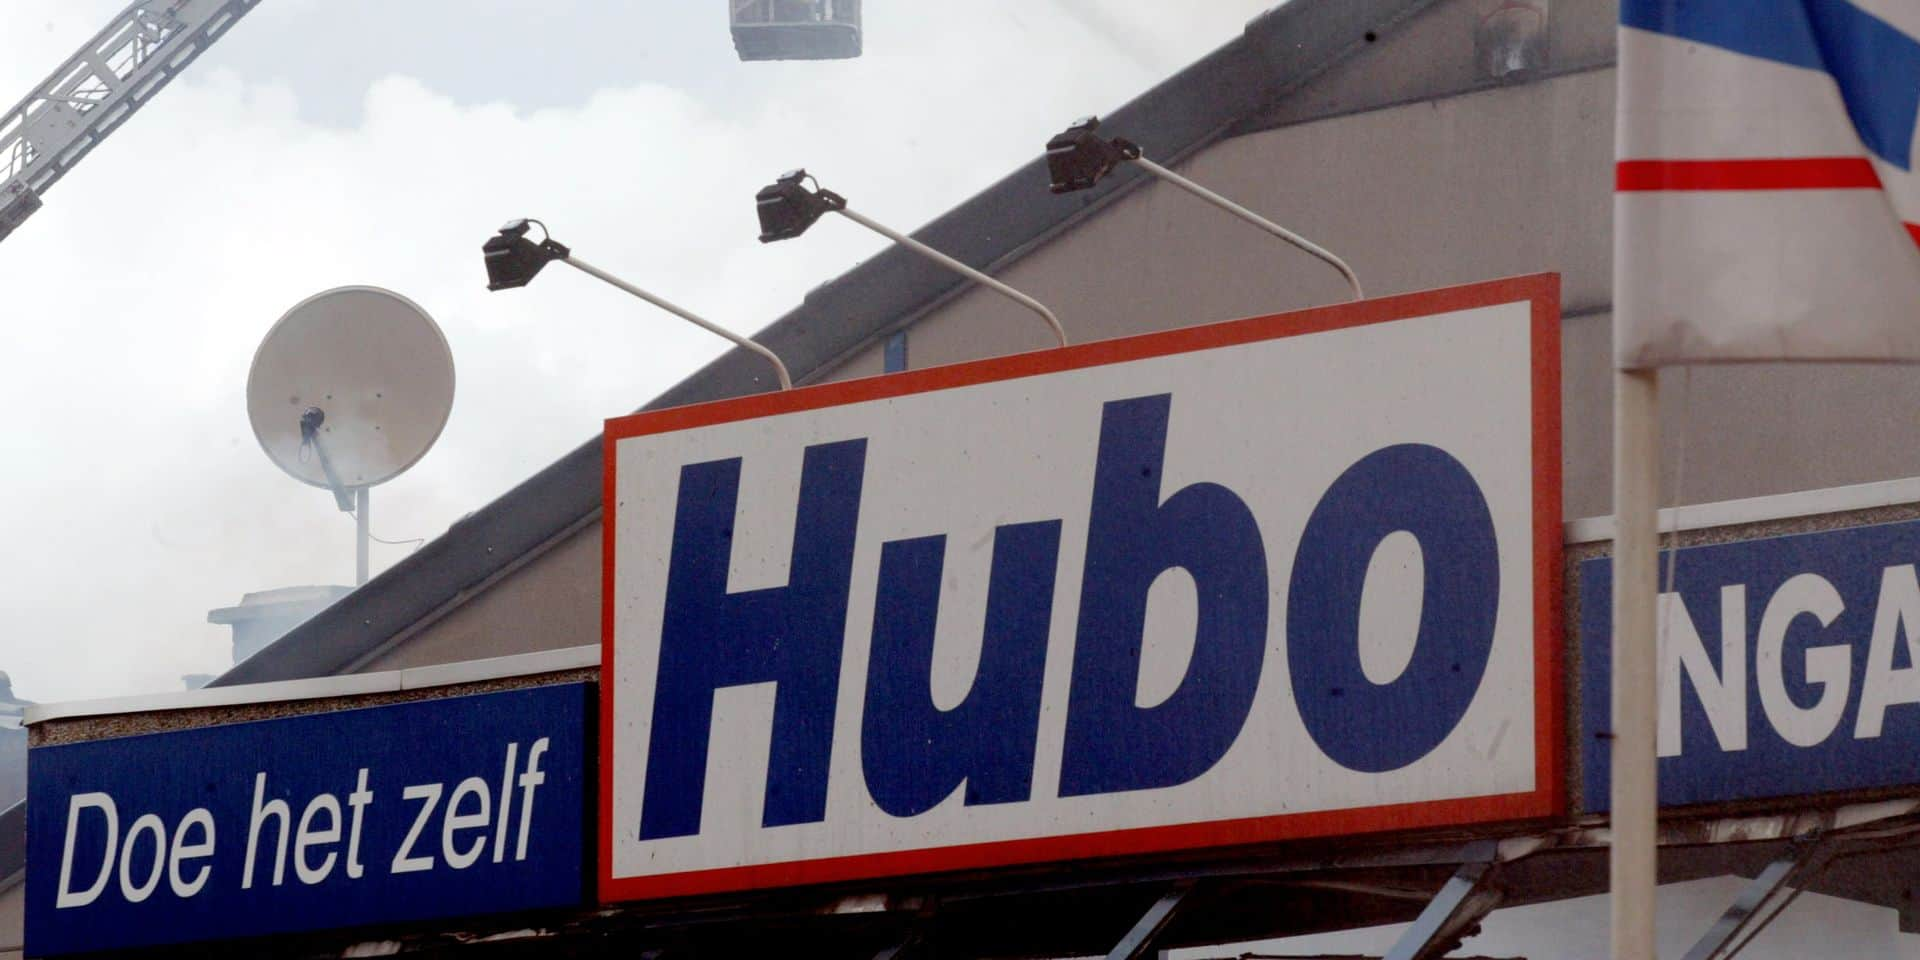 La chaîne de bricolage Hubo fait appel aux 4 000 bricoleurs de ListMinut